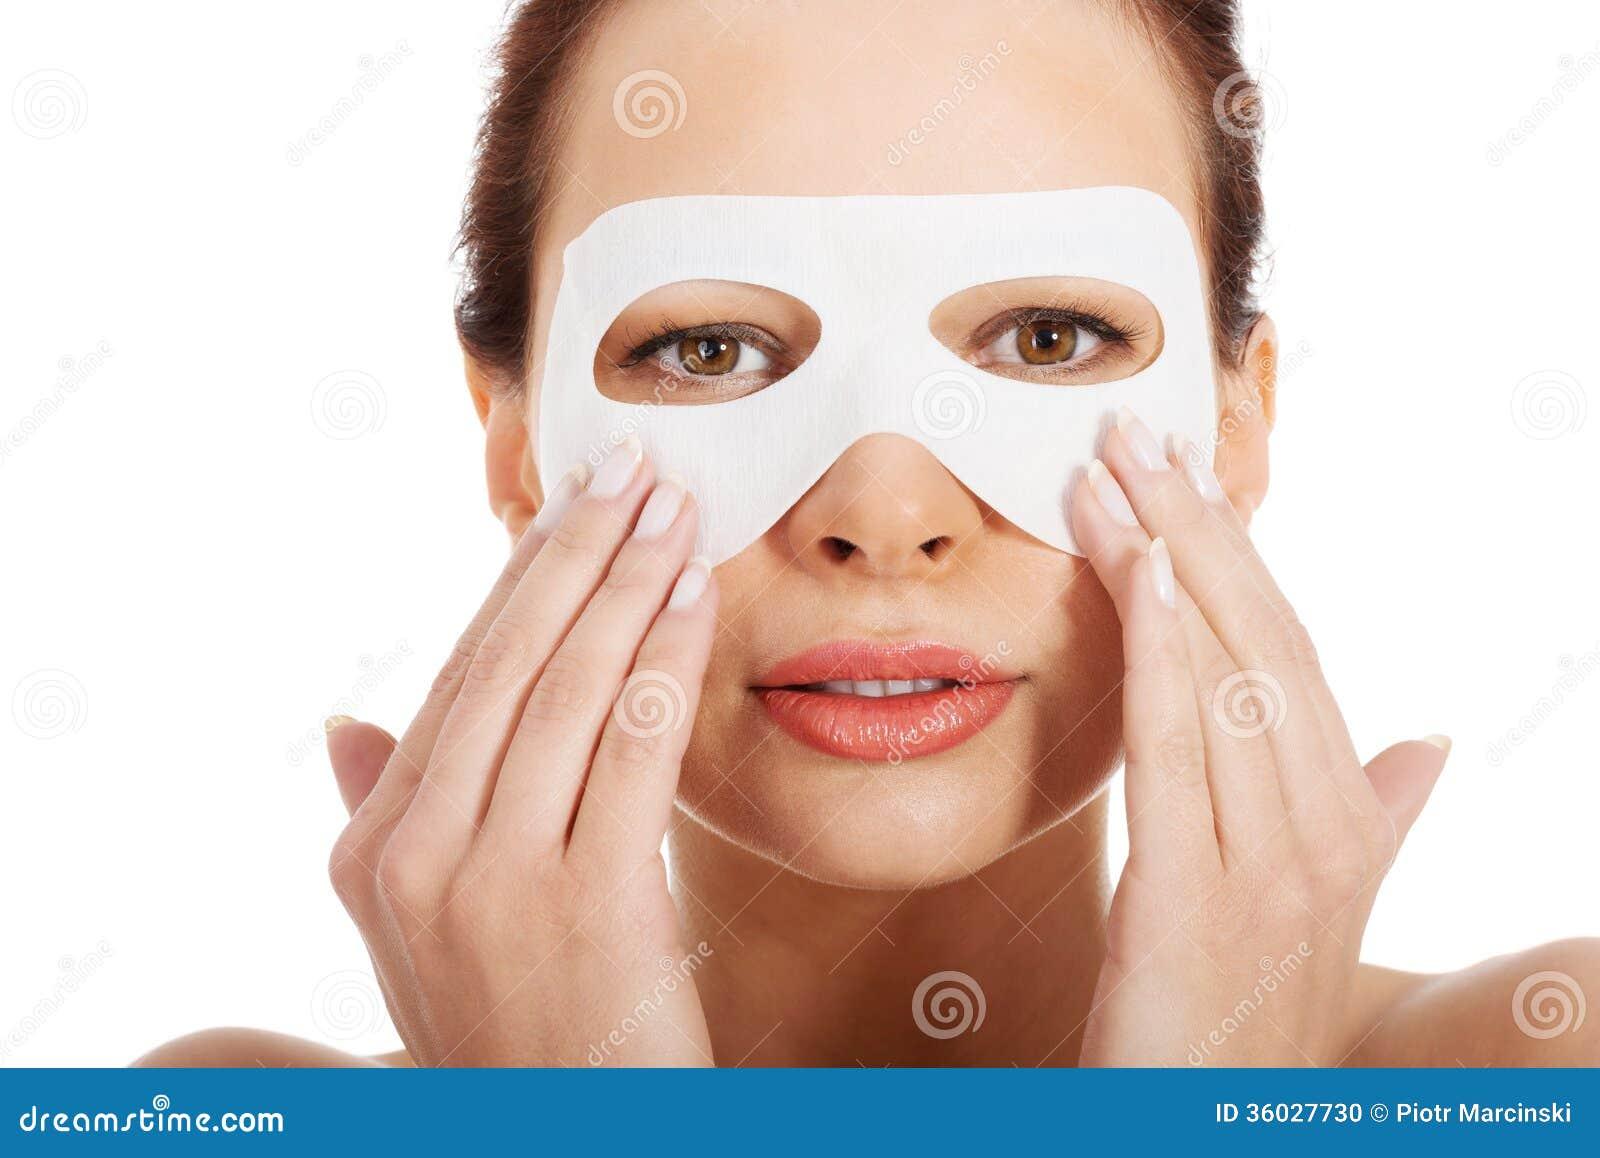 La crème pour la peau autour des yeux des sacs les rappels